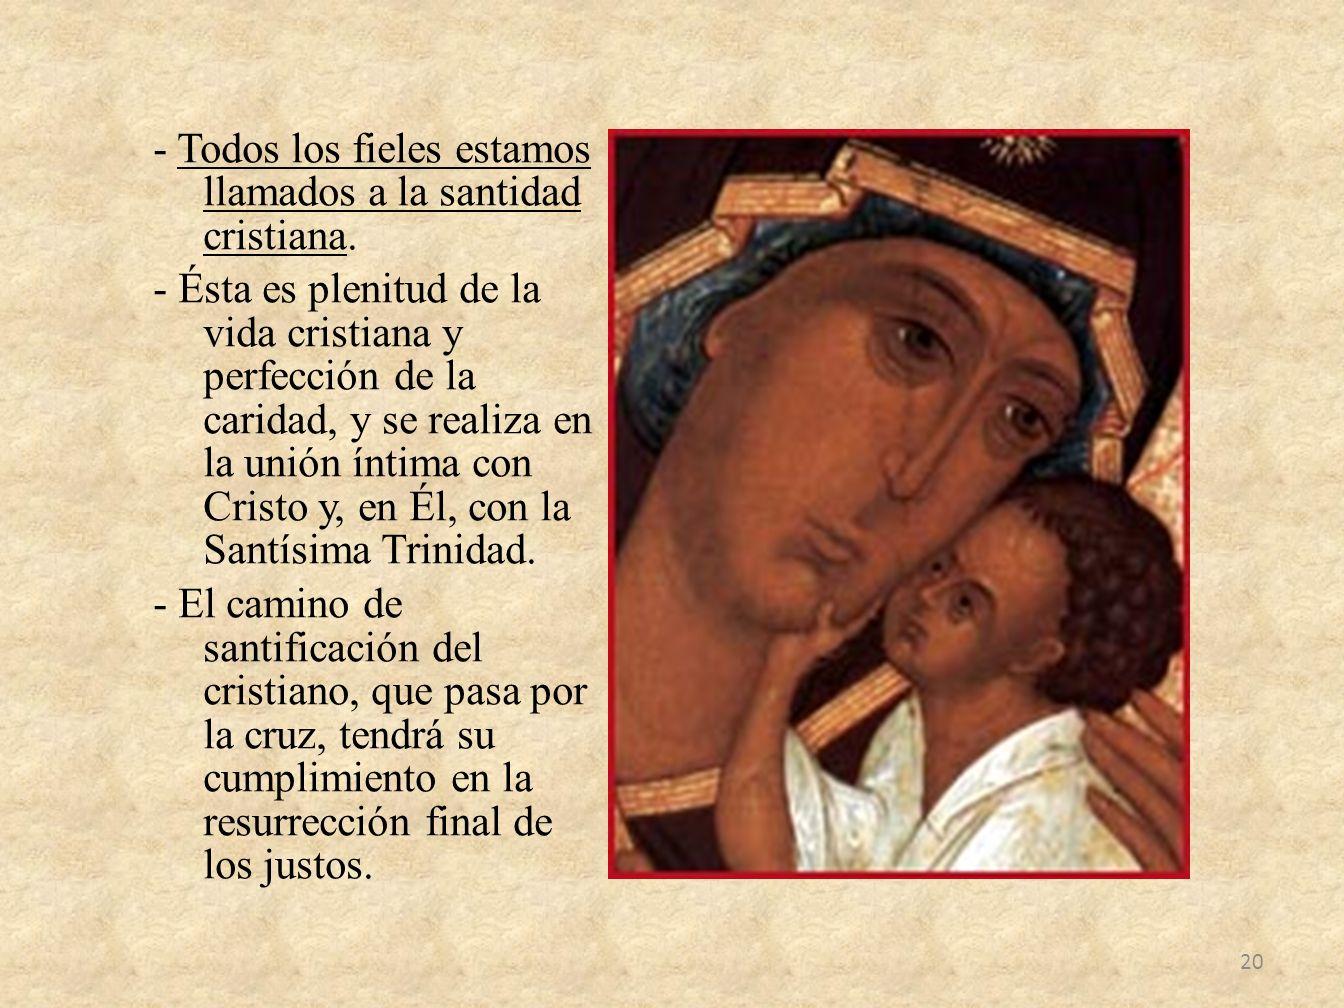 - Todos los fieles estamos llamados a la santidad cristiana